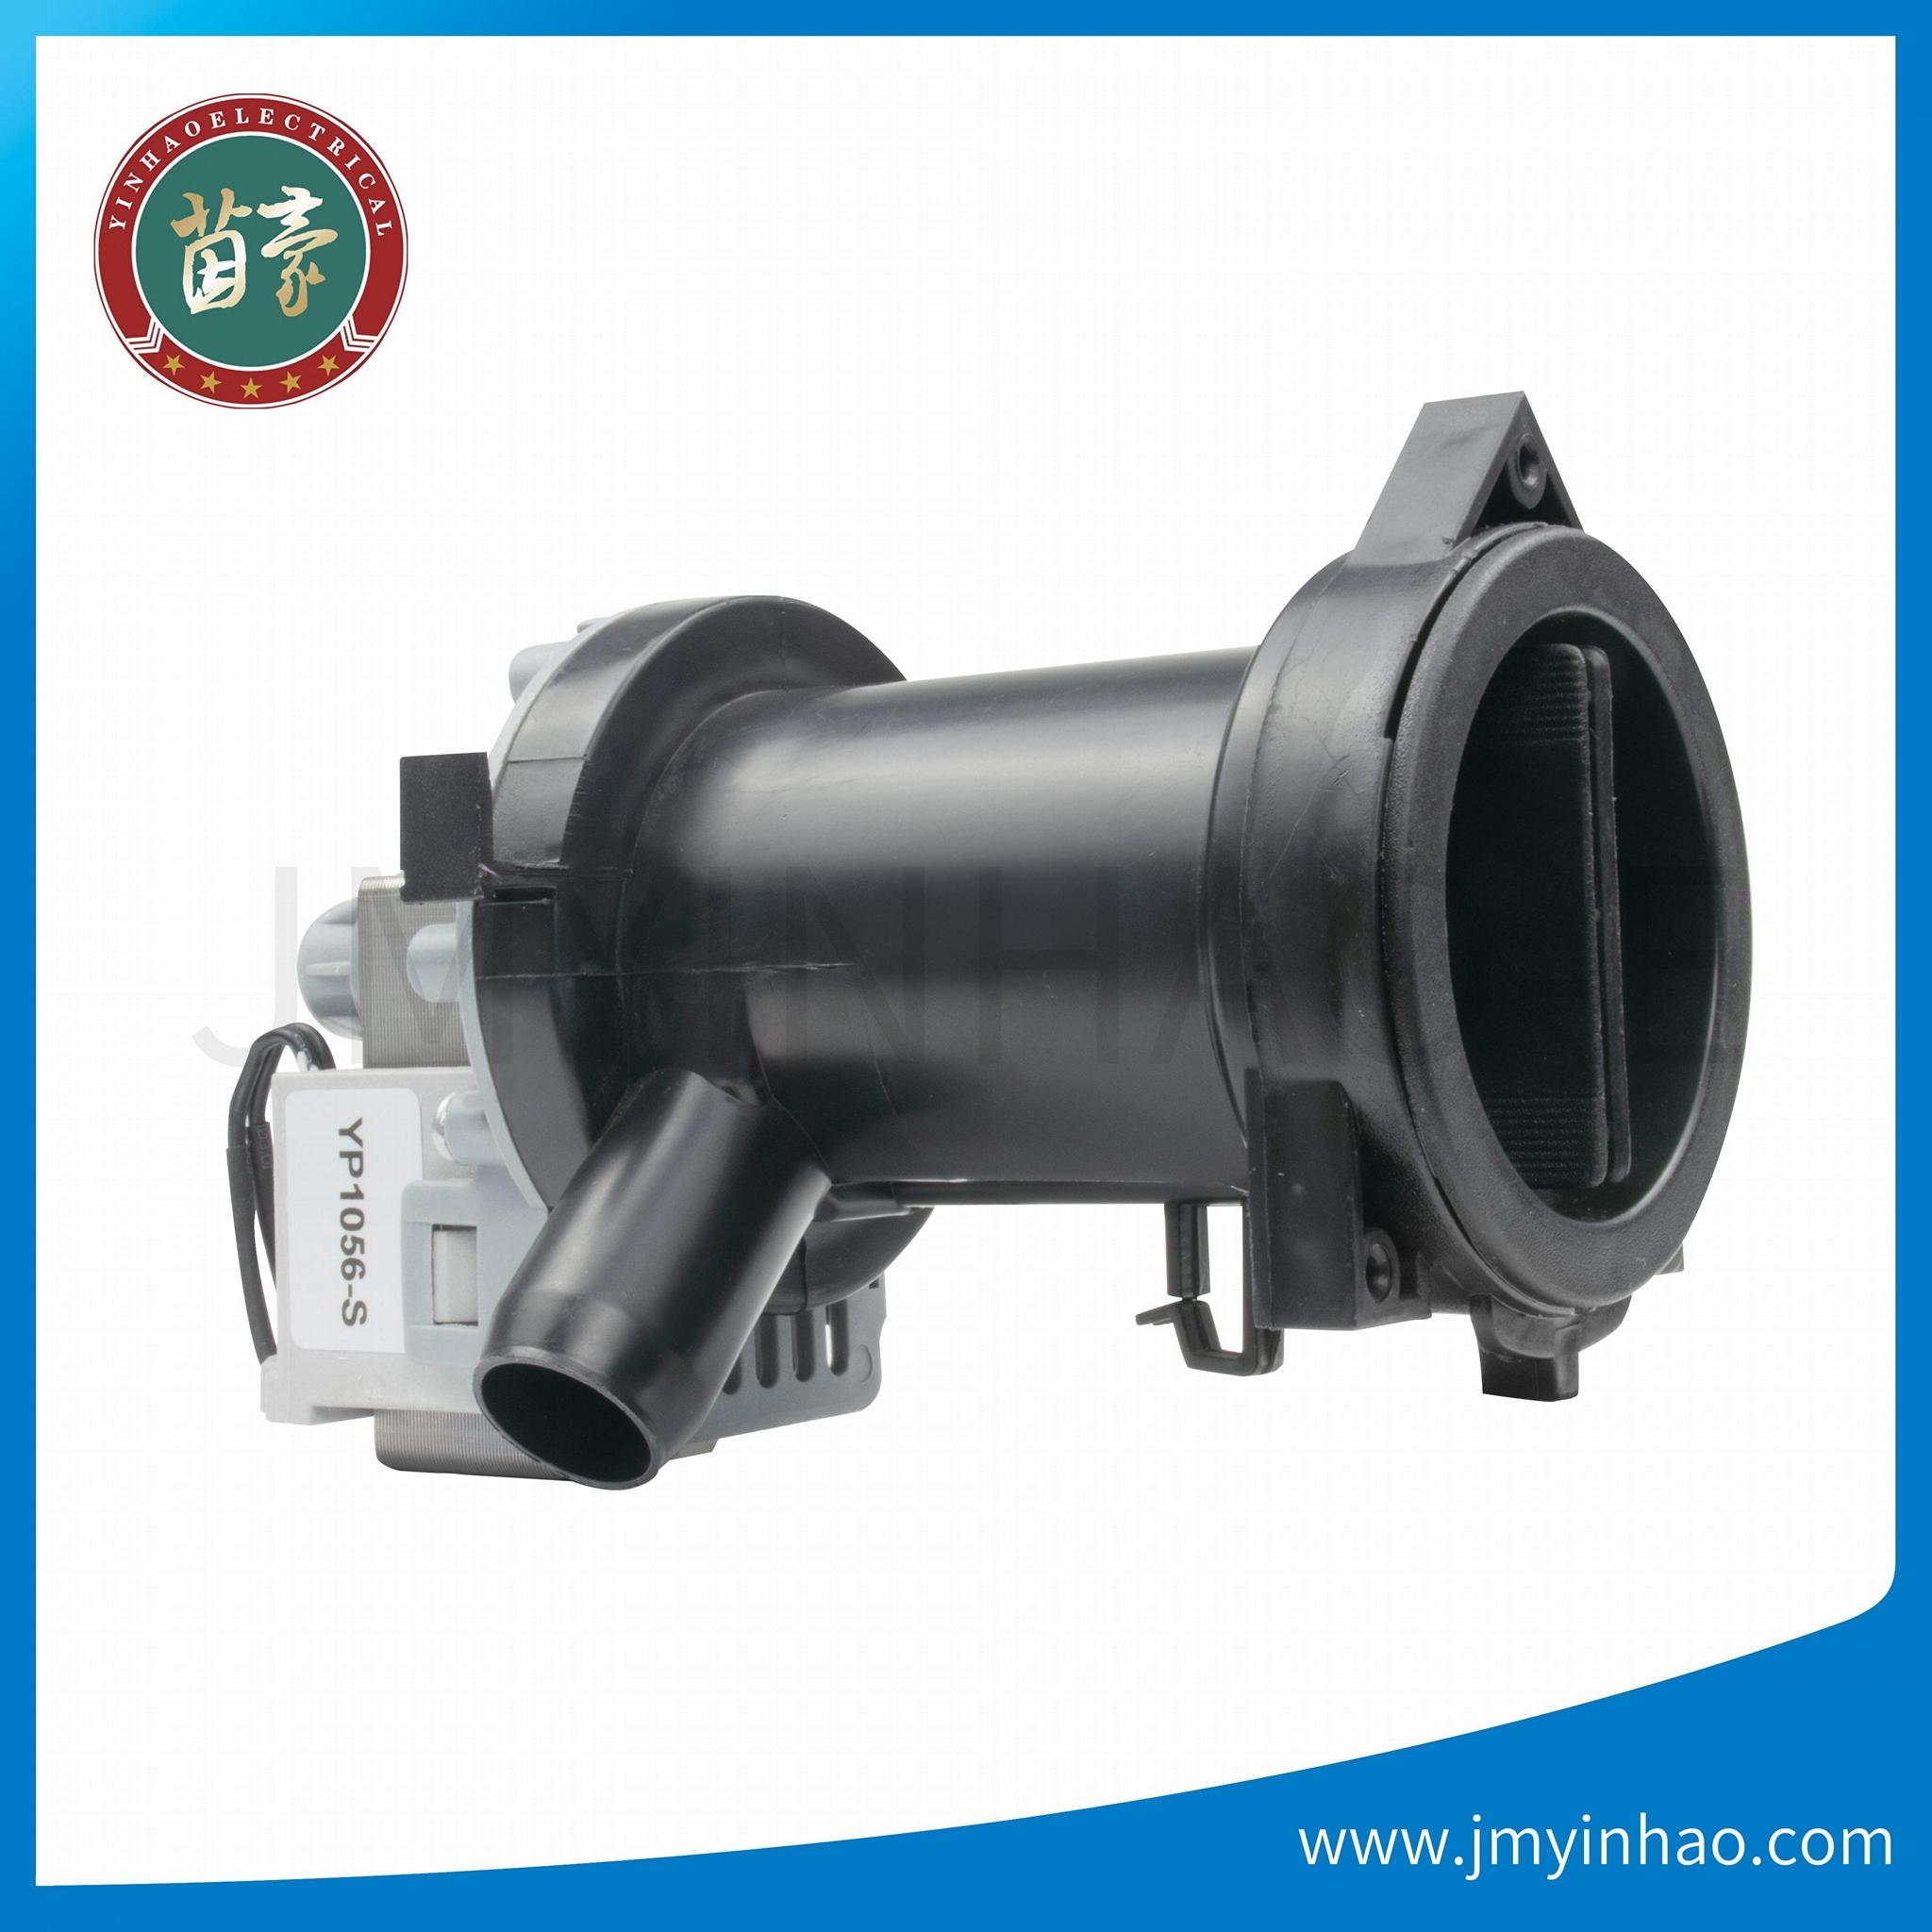 LG 洗衣机排水泵/排水小电机 1